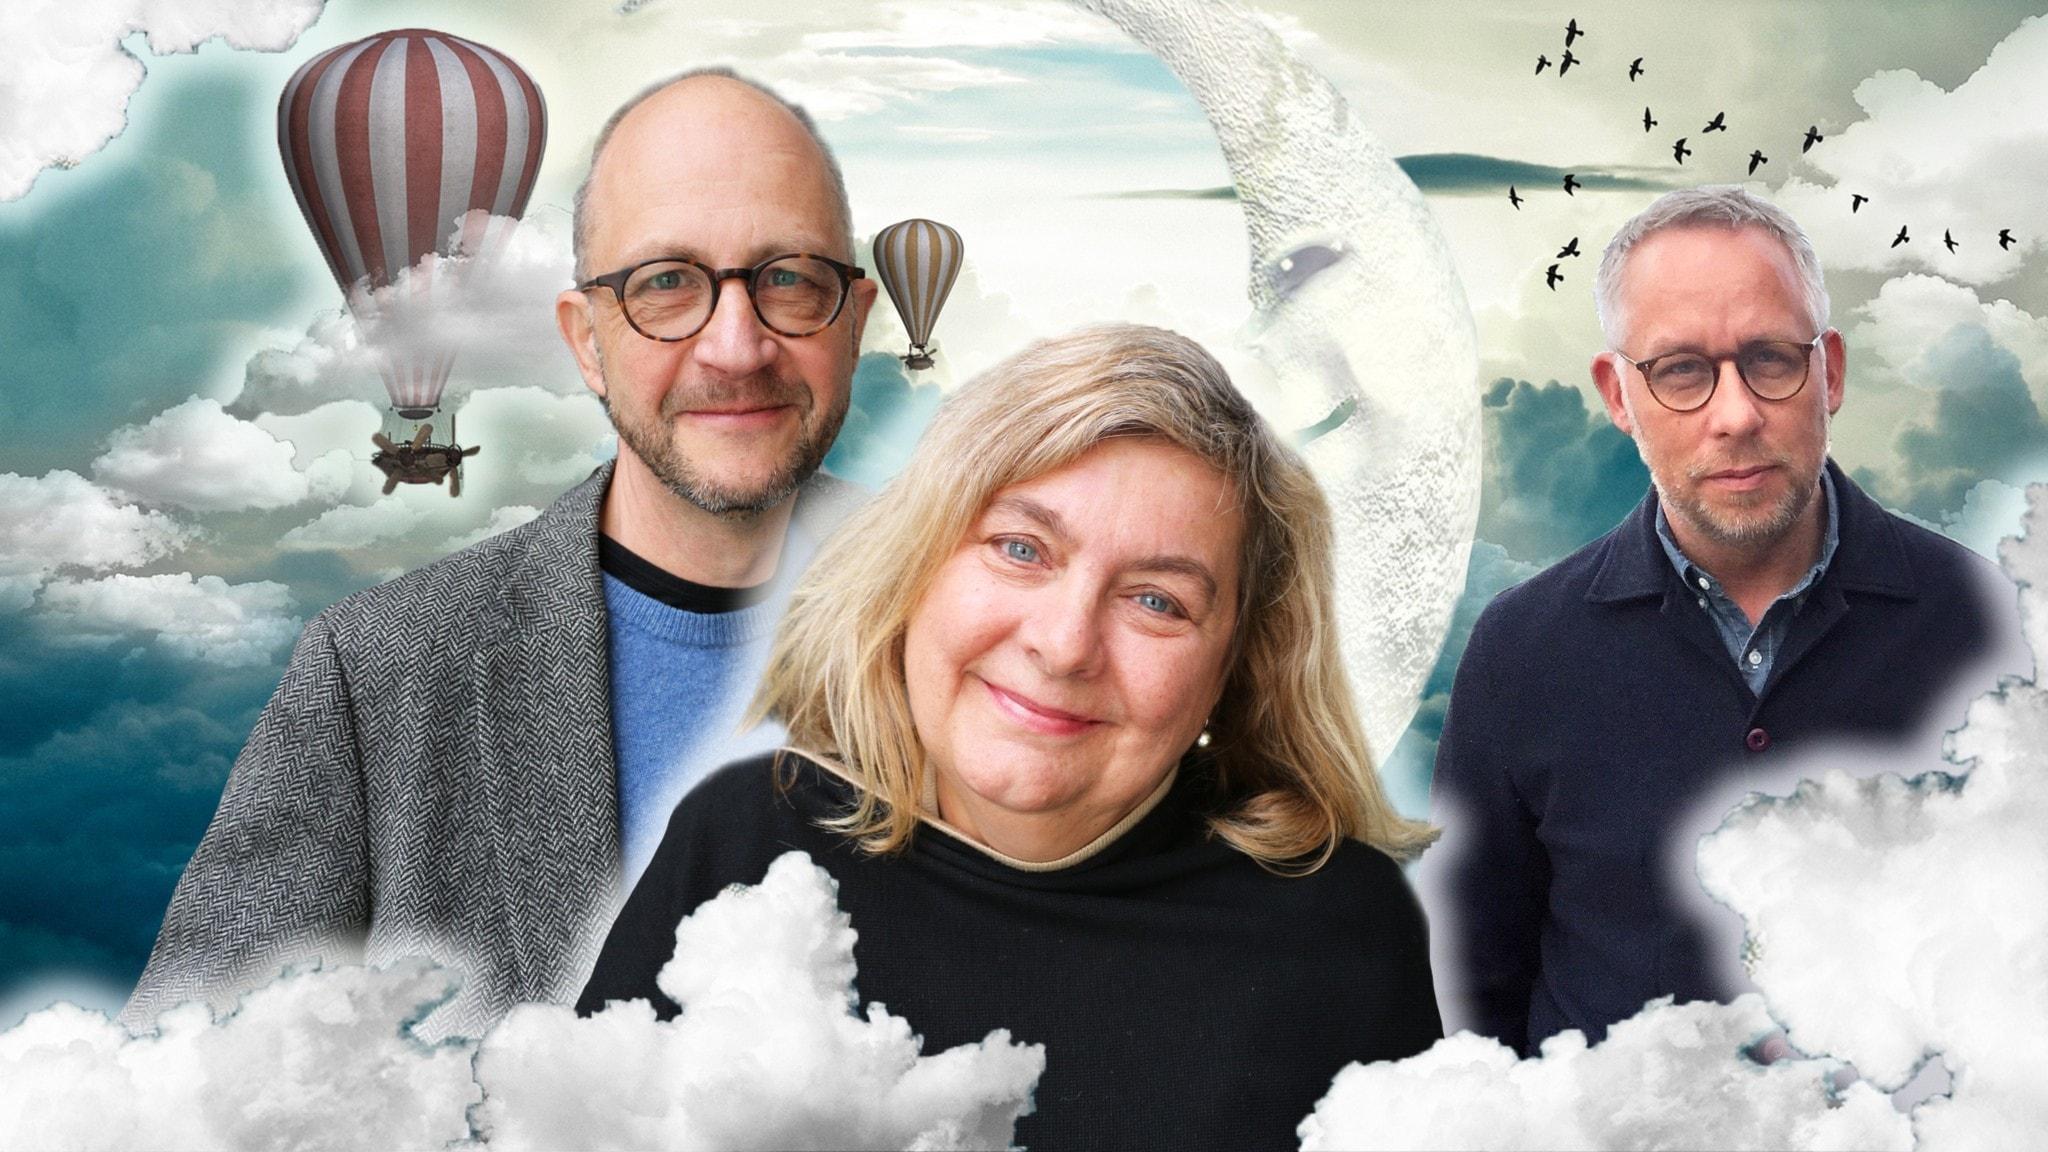 Samhällsspaning med humor! I veckans spanartrio hör vi TV-producenten Annika Sundberg, psykologen Per Naroskin och journalisten Po Tidholm.